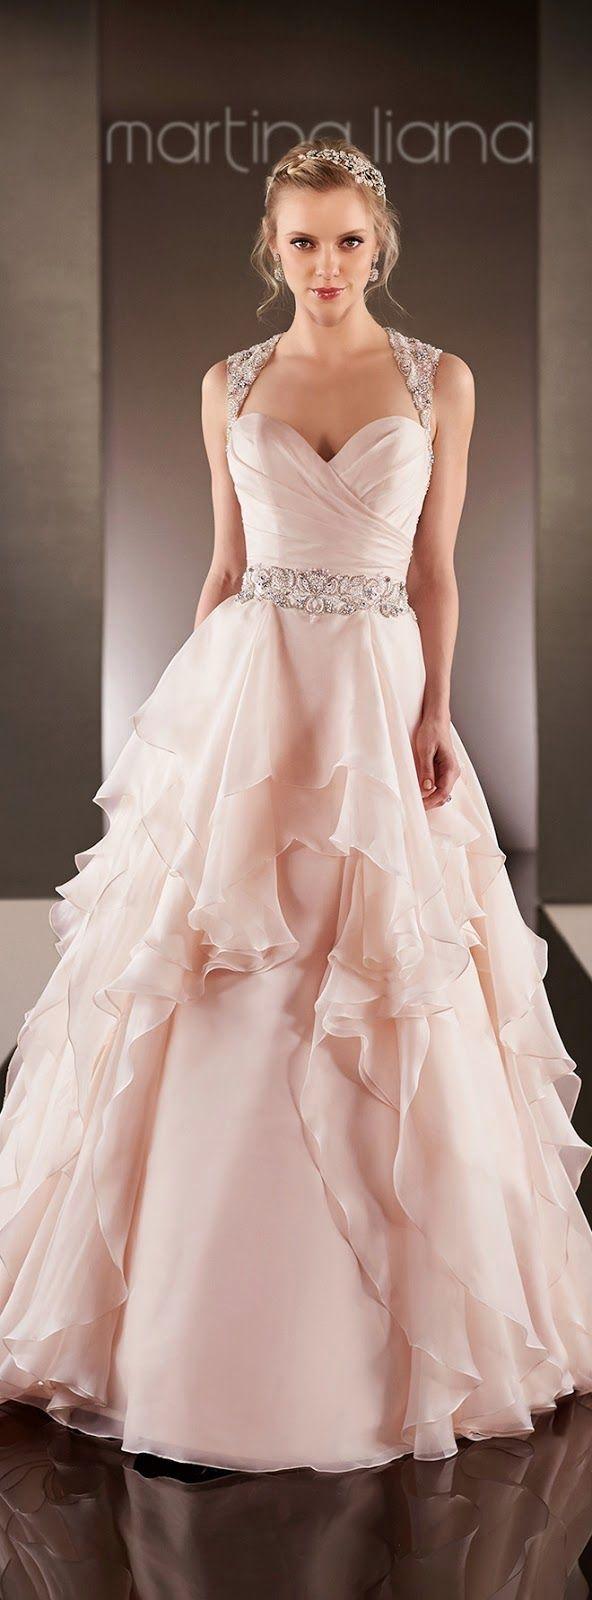 Best Wedding Dresses of 2014   De novia, Vestidos de novia y Vestiditos